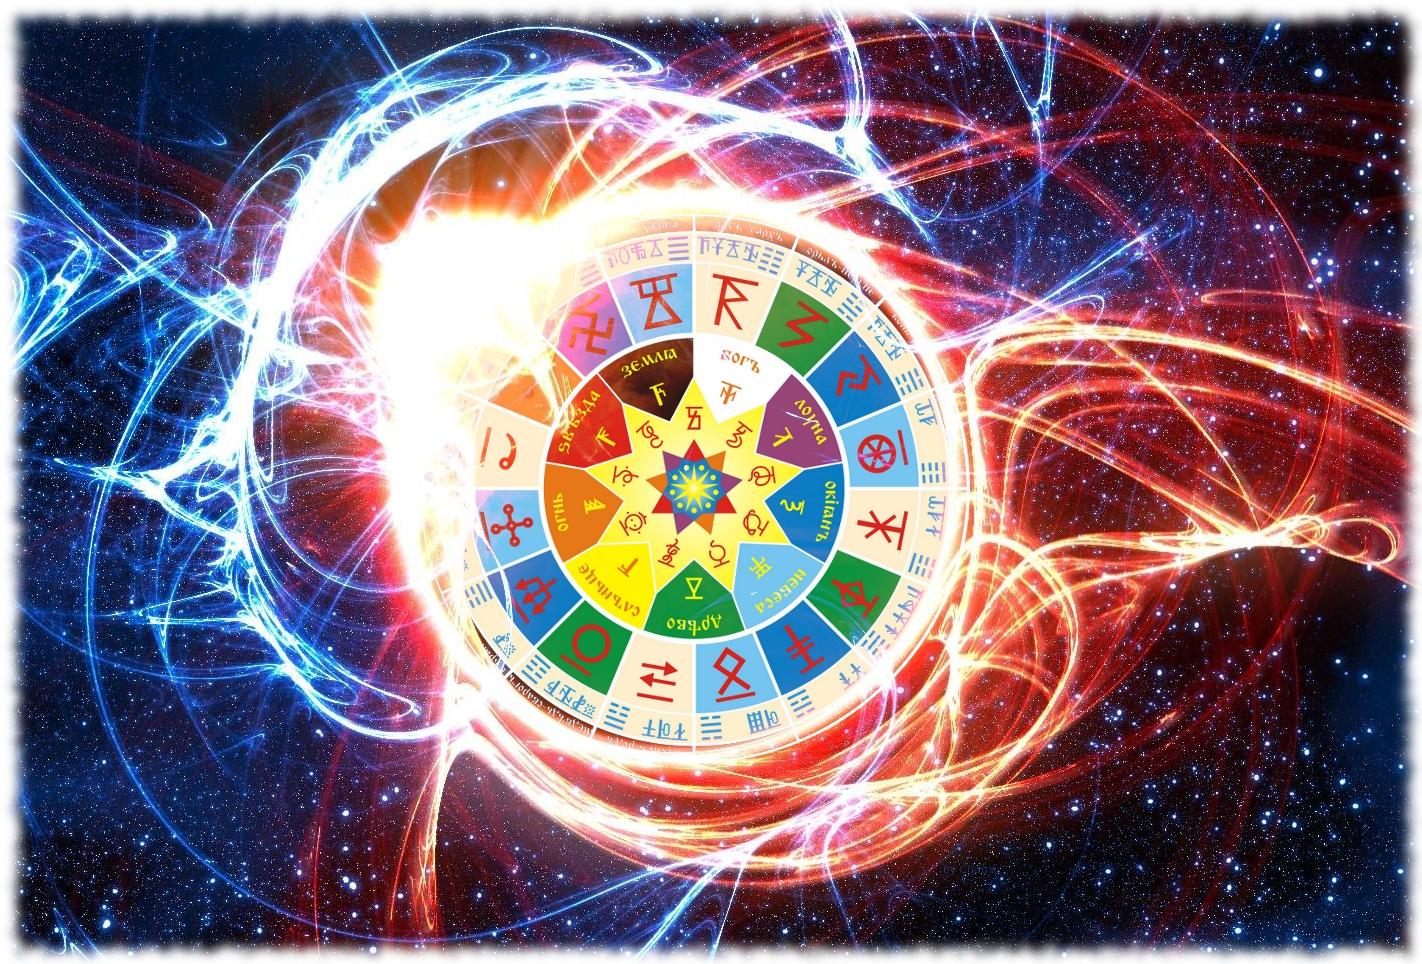 Тиана таро 28,818 views 1:15:20 астрологический прогноз на неделю с 25 июля по 7 августа 2016 ведическая астрология